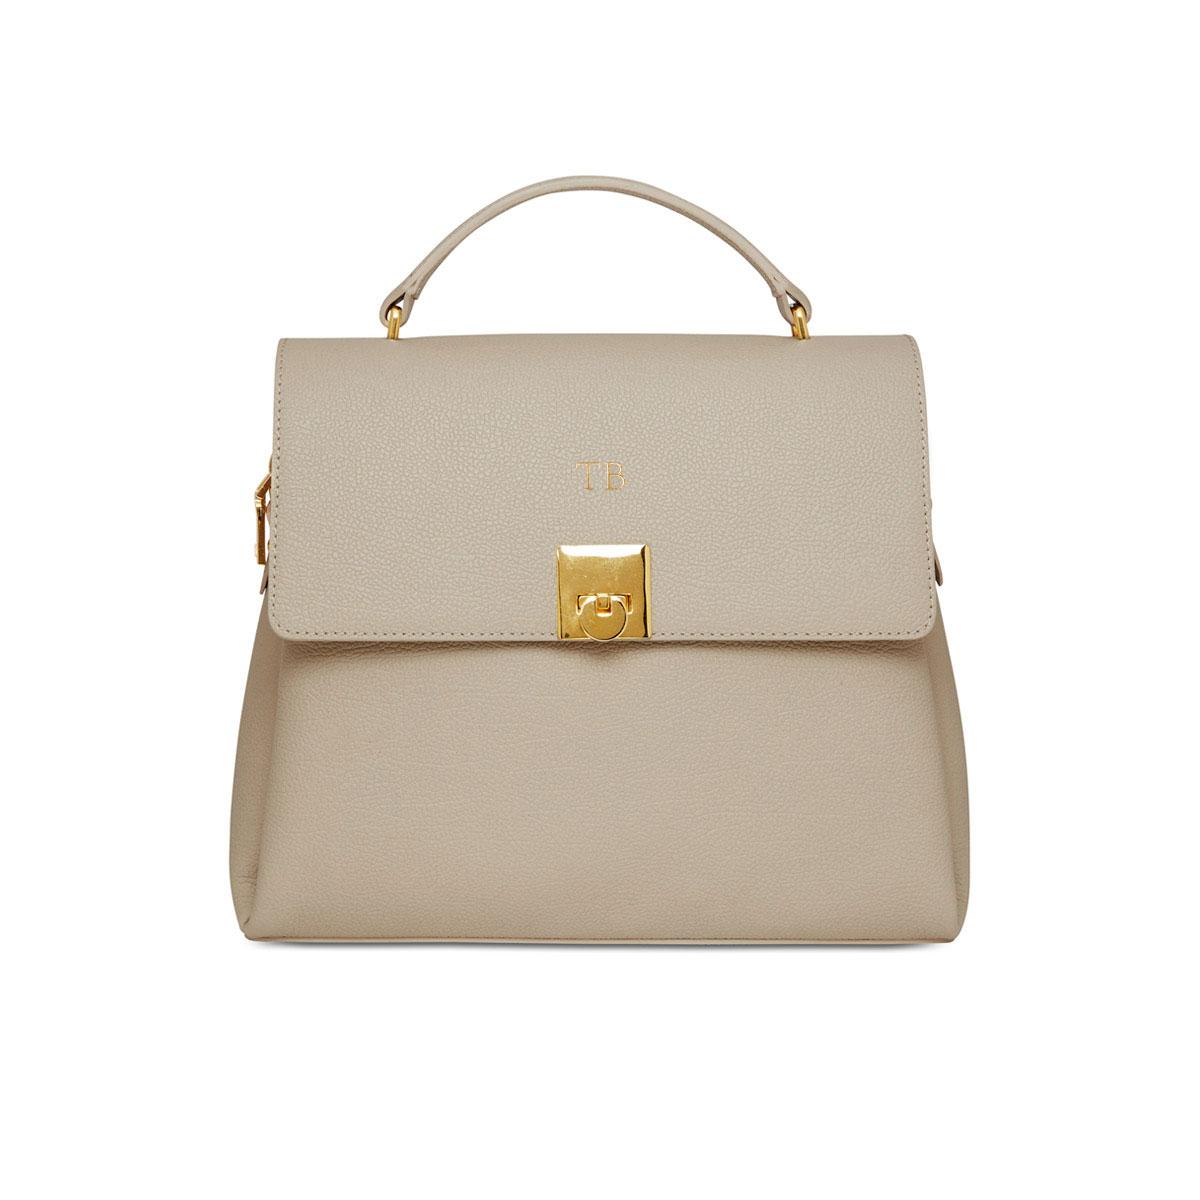 Grainy Stone Top Handle Bag (Gold Zip)